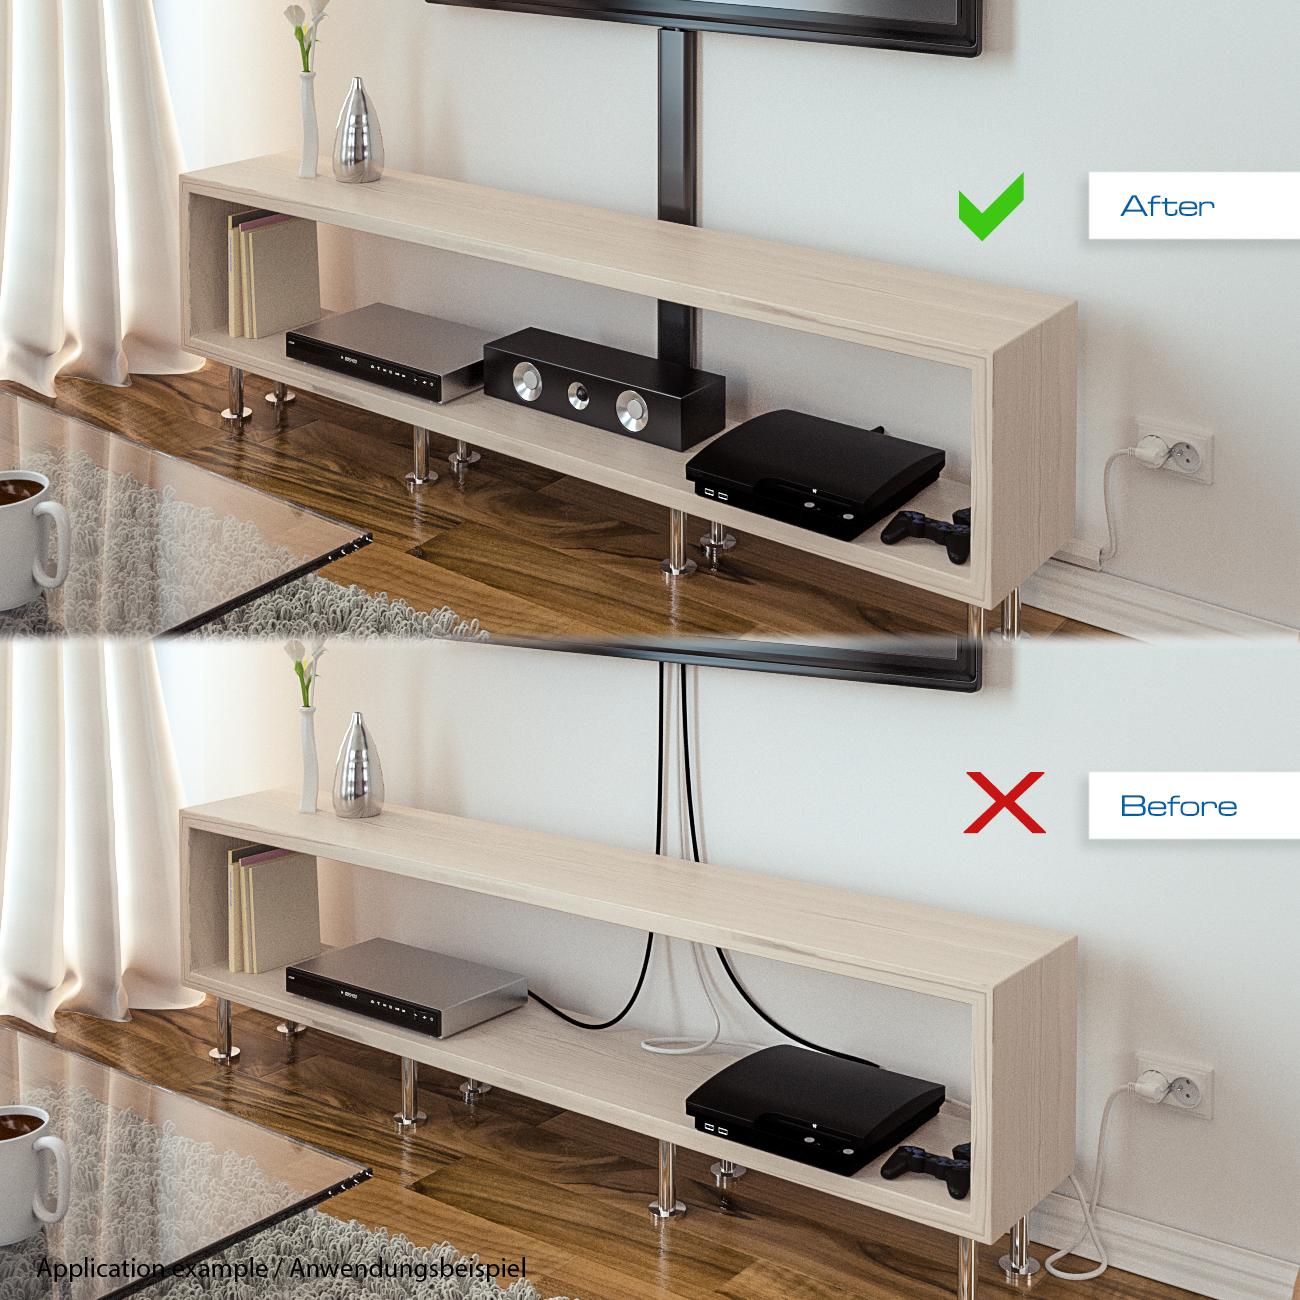 deleycon universal kabelkanal kunststoff deleycondeleycon. Black Bedroom Furniture Sets. Home Design Ideas